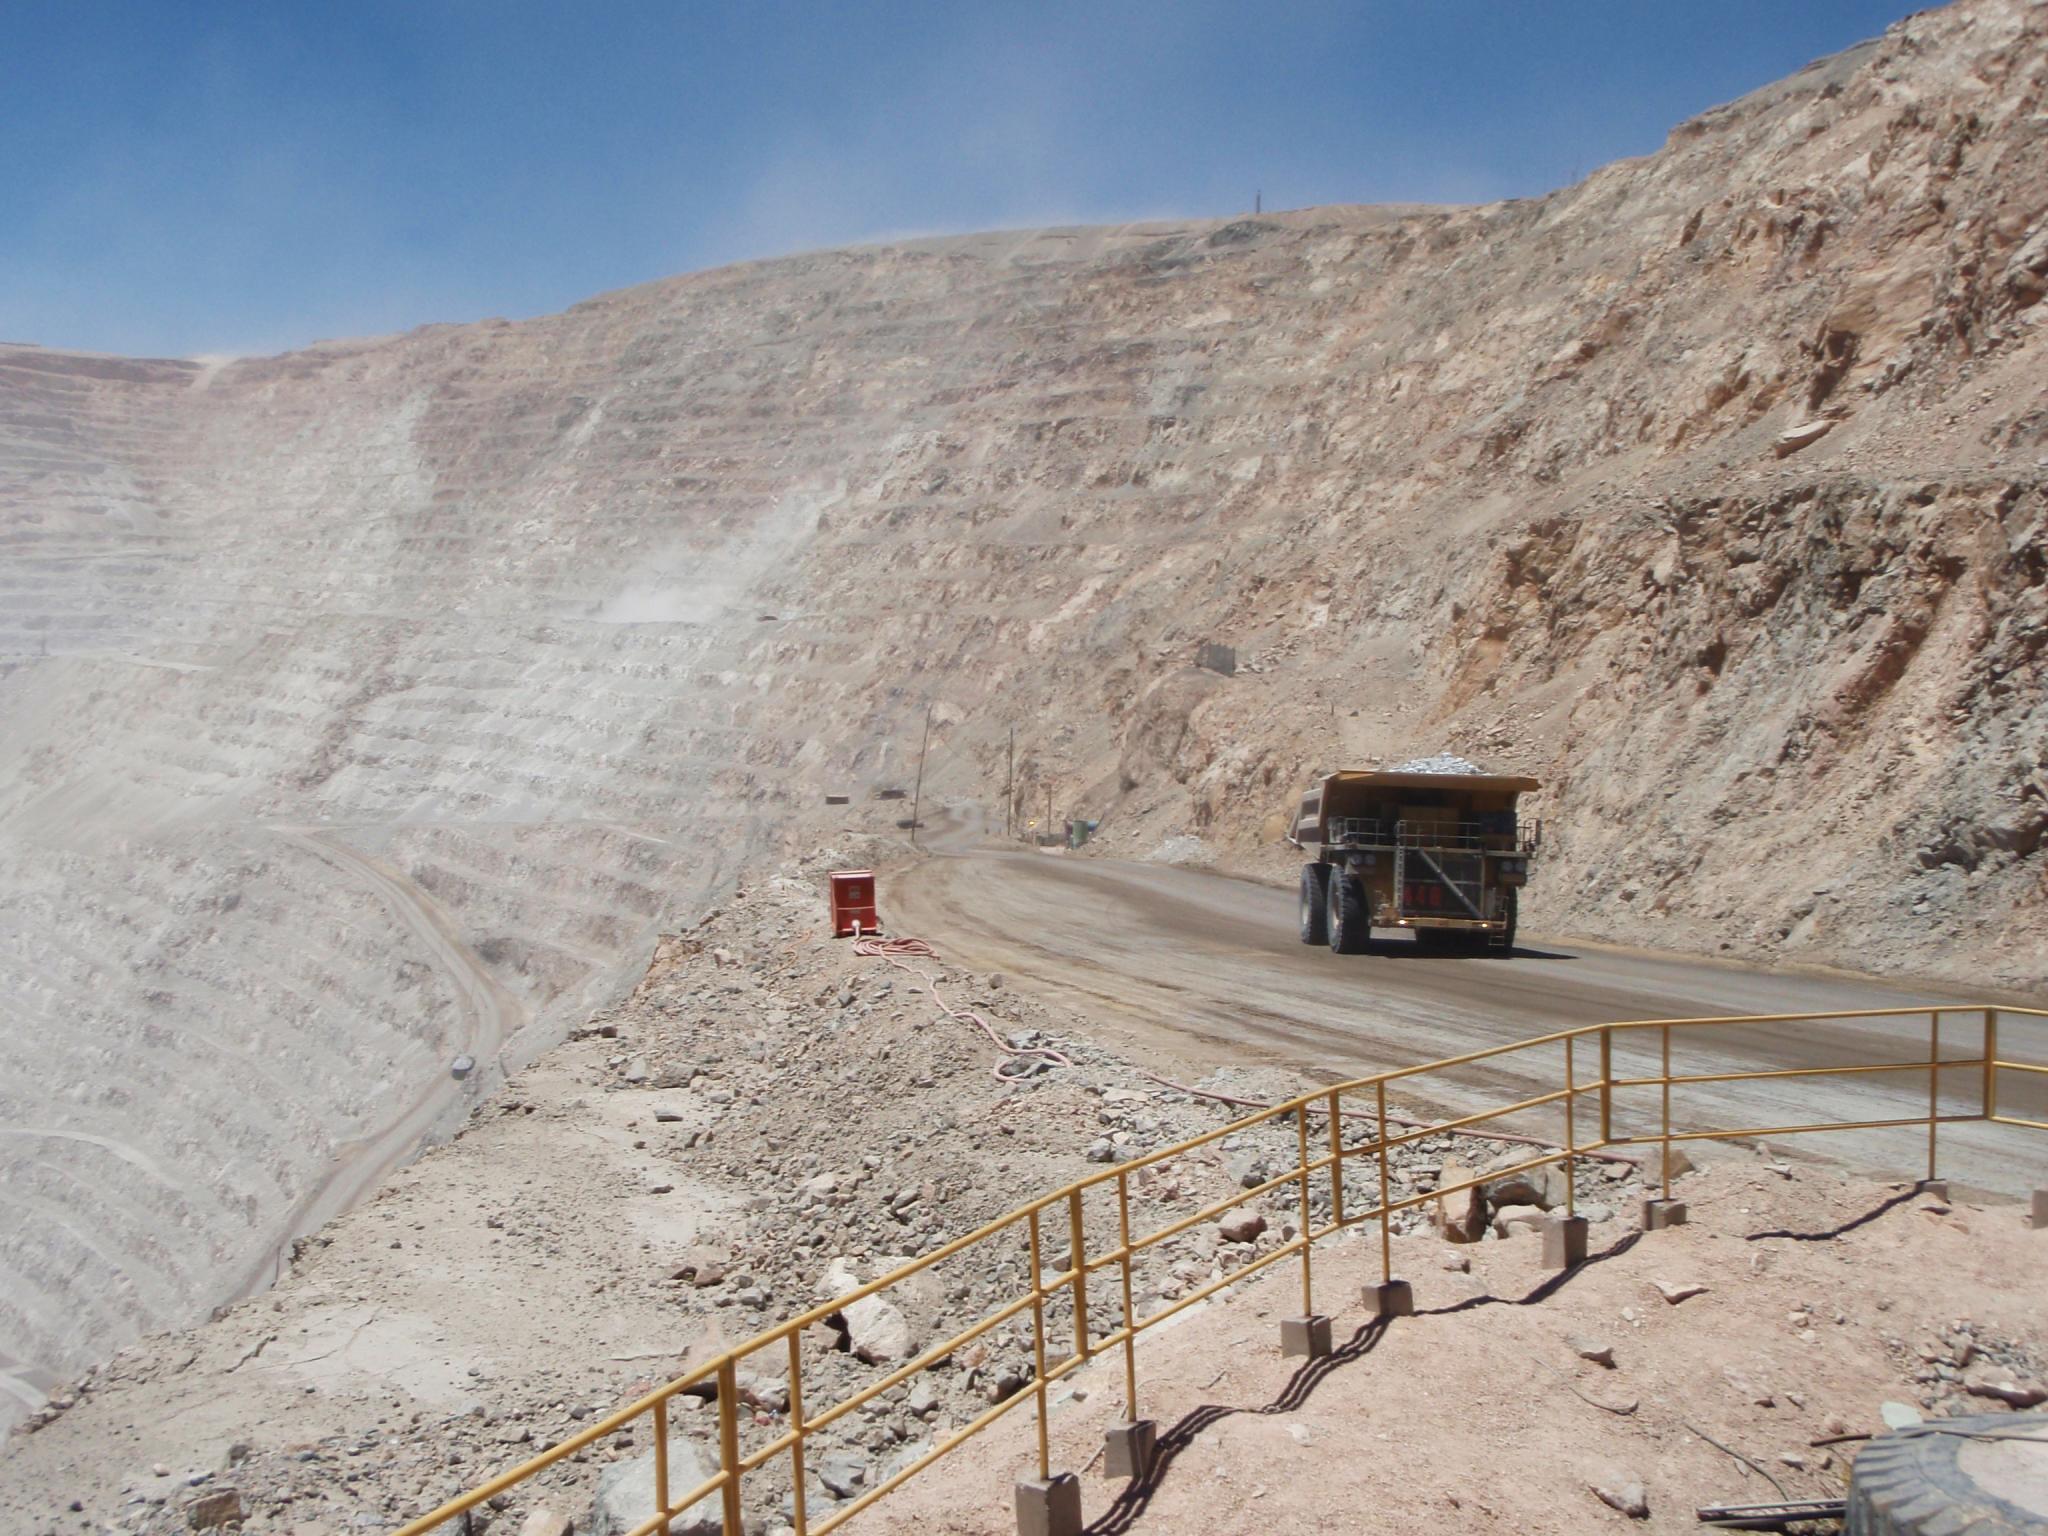 ZERO critica nova legislação sobre explorações mineiras